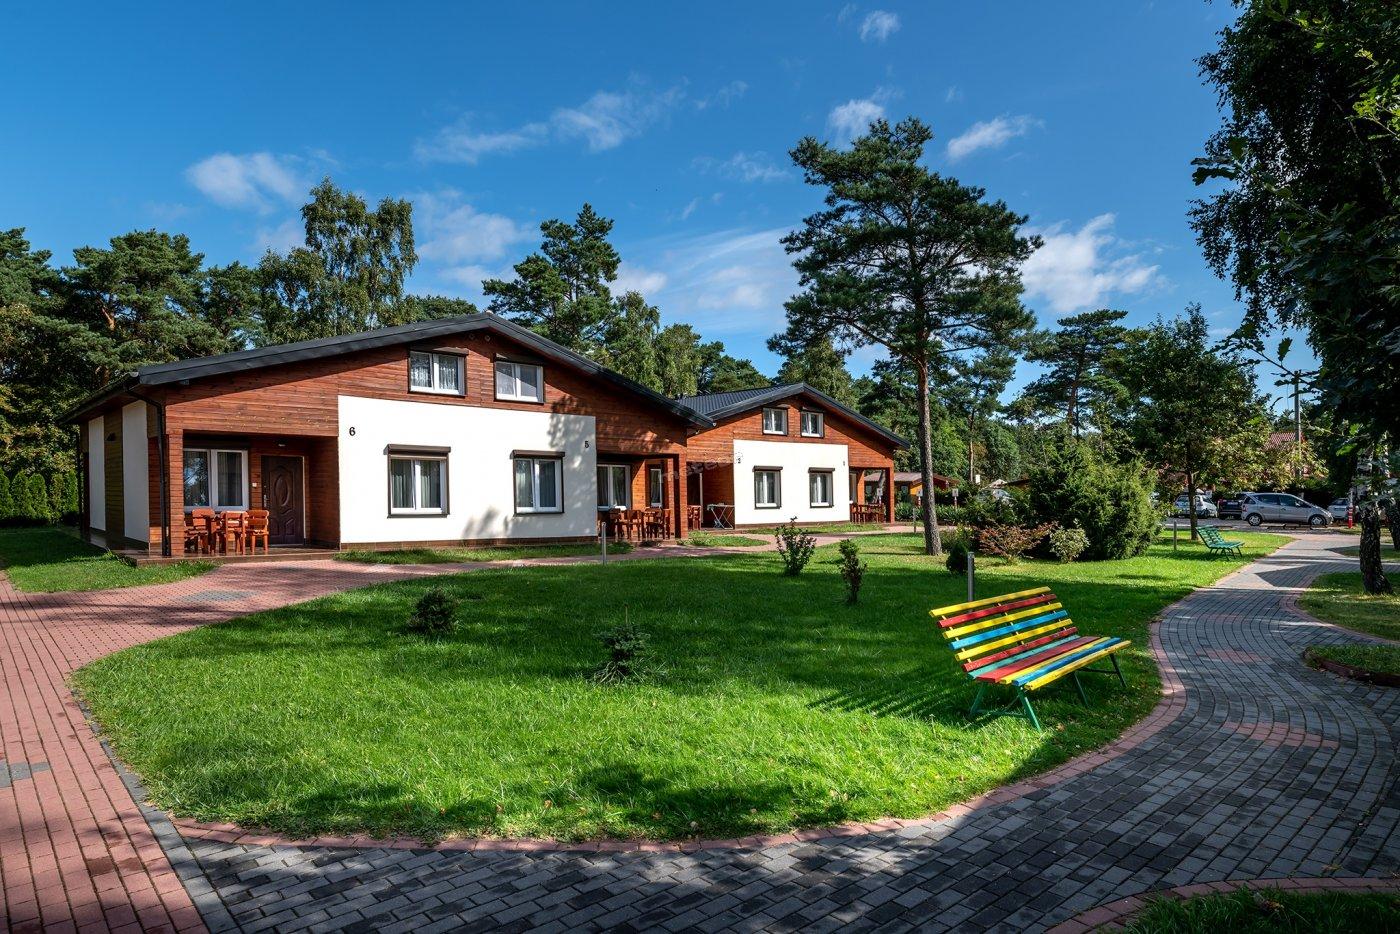 Domki-apartamenty bungalowy